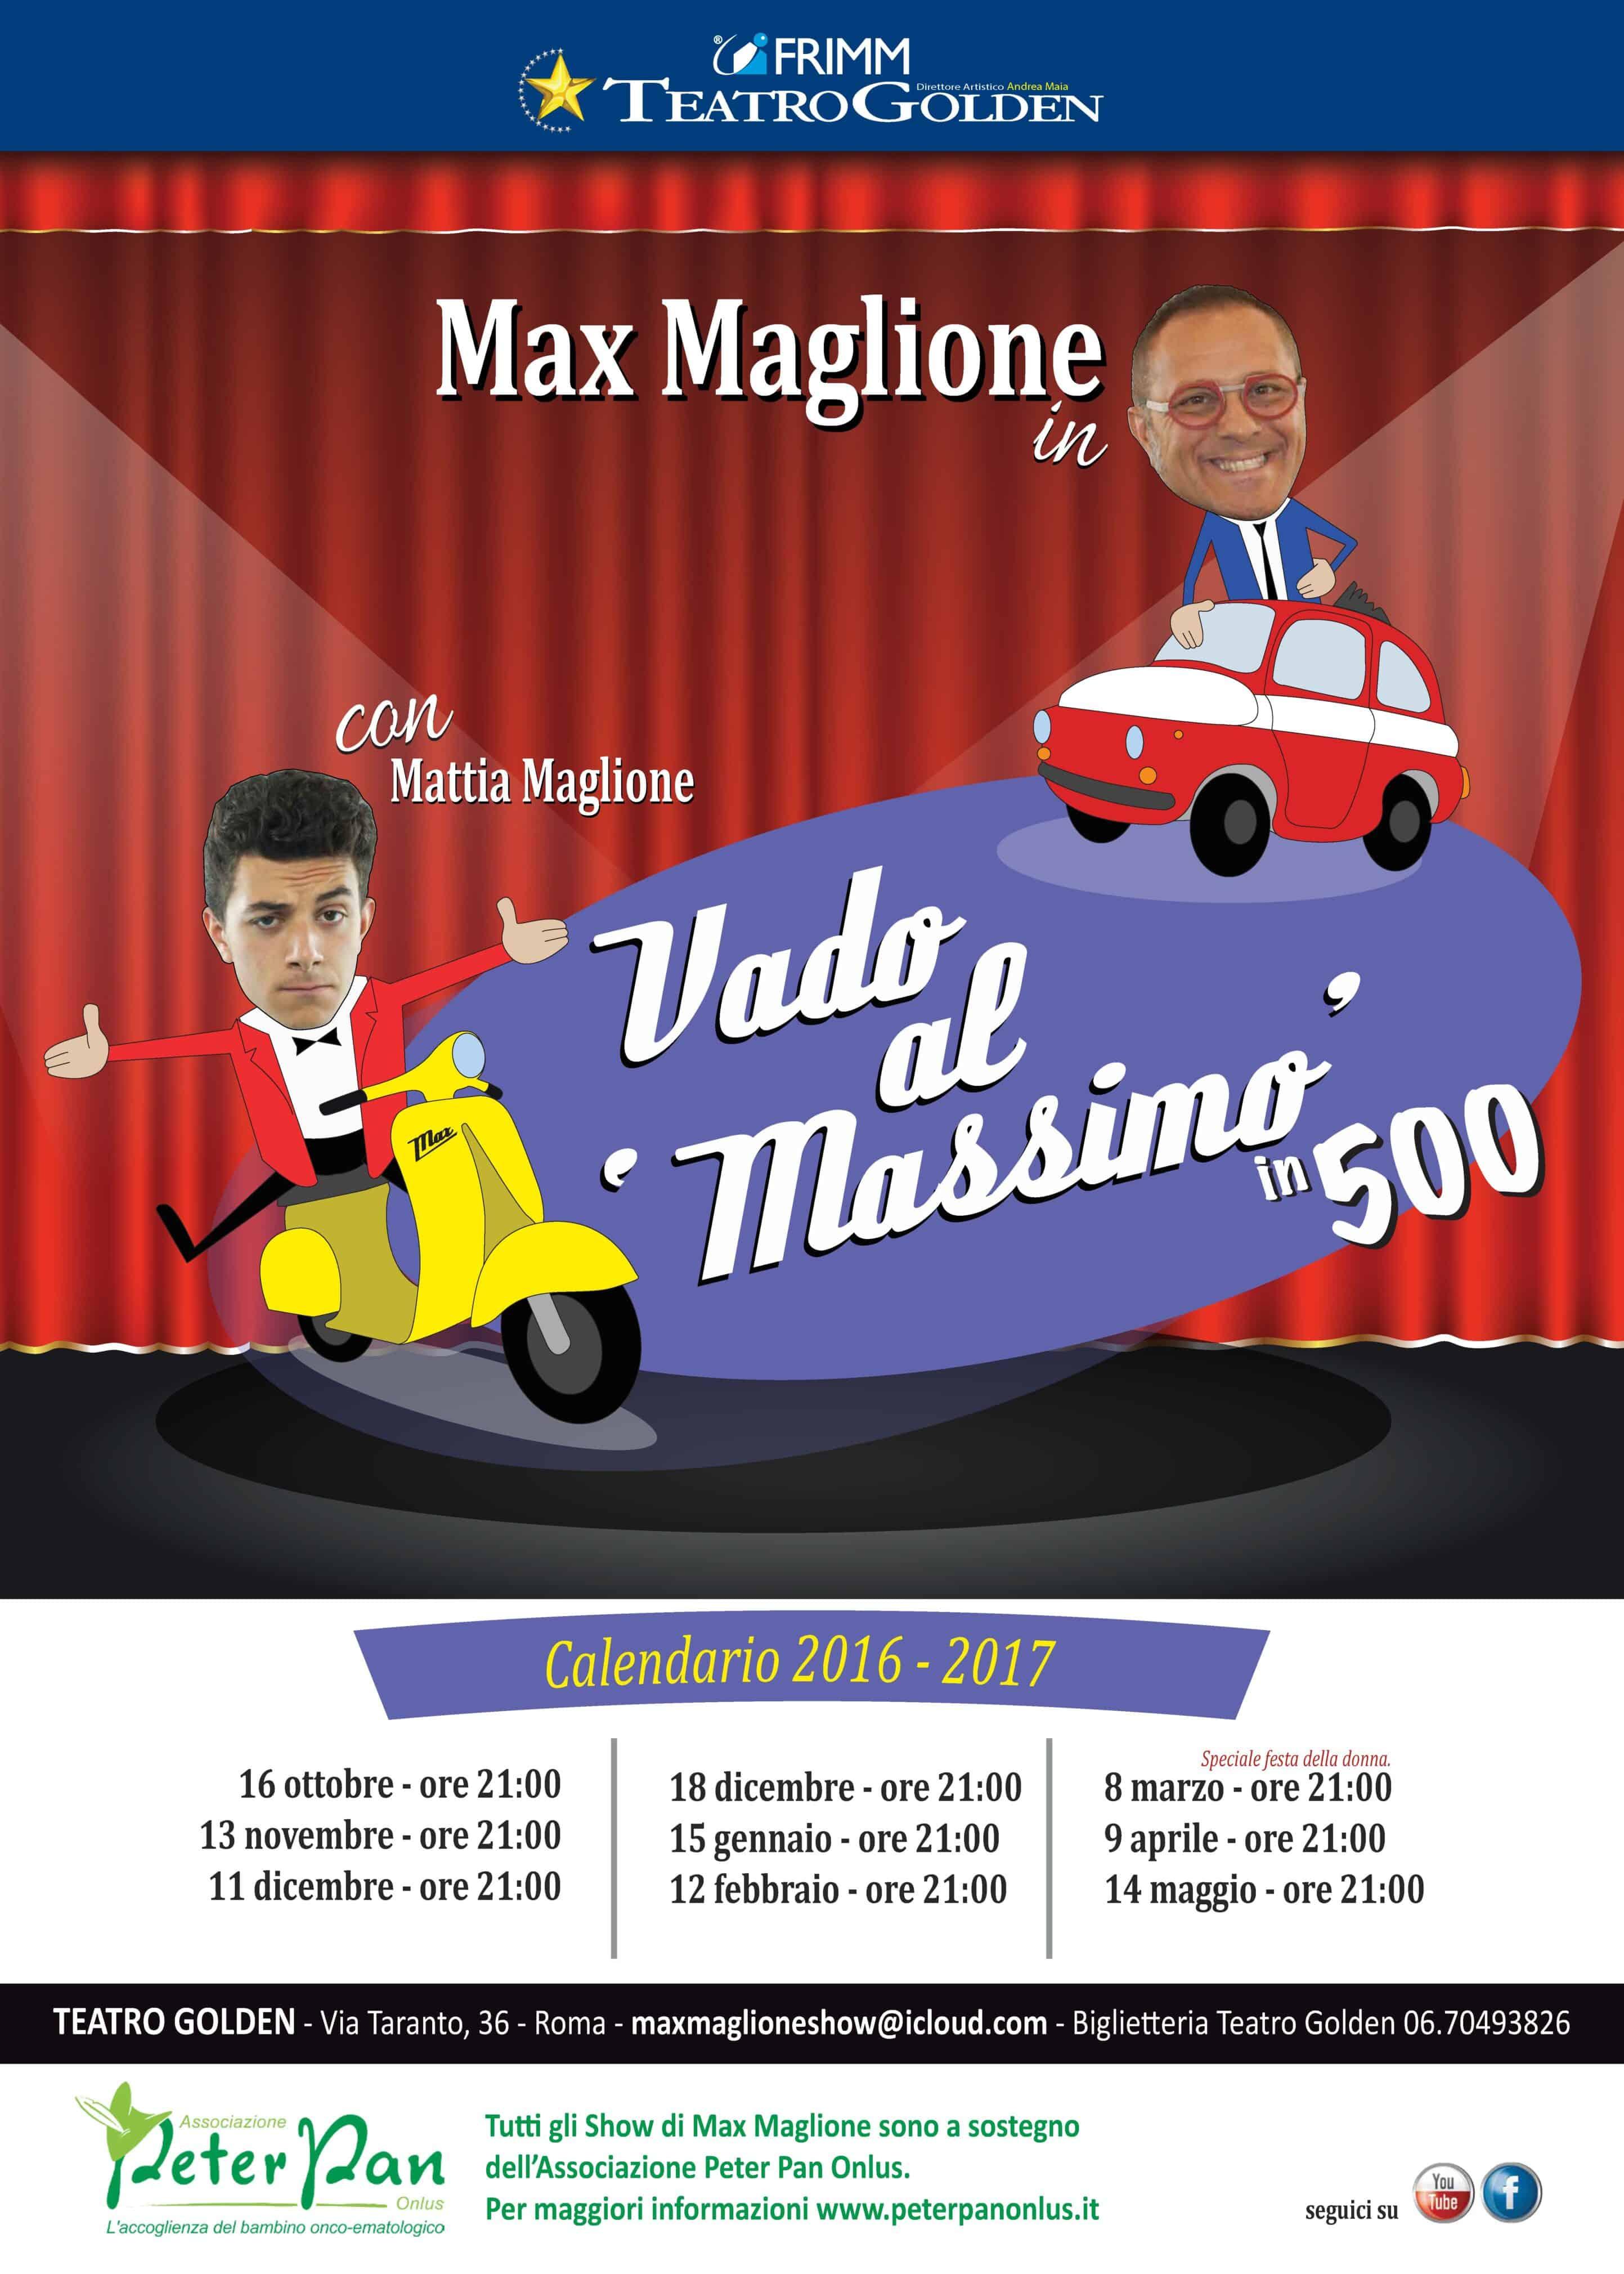 Max Maglione 2016-2017